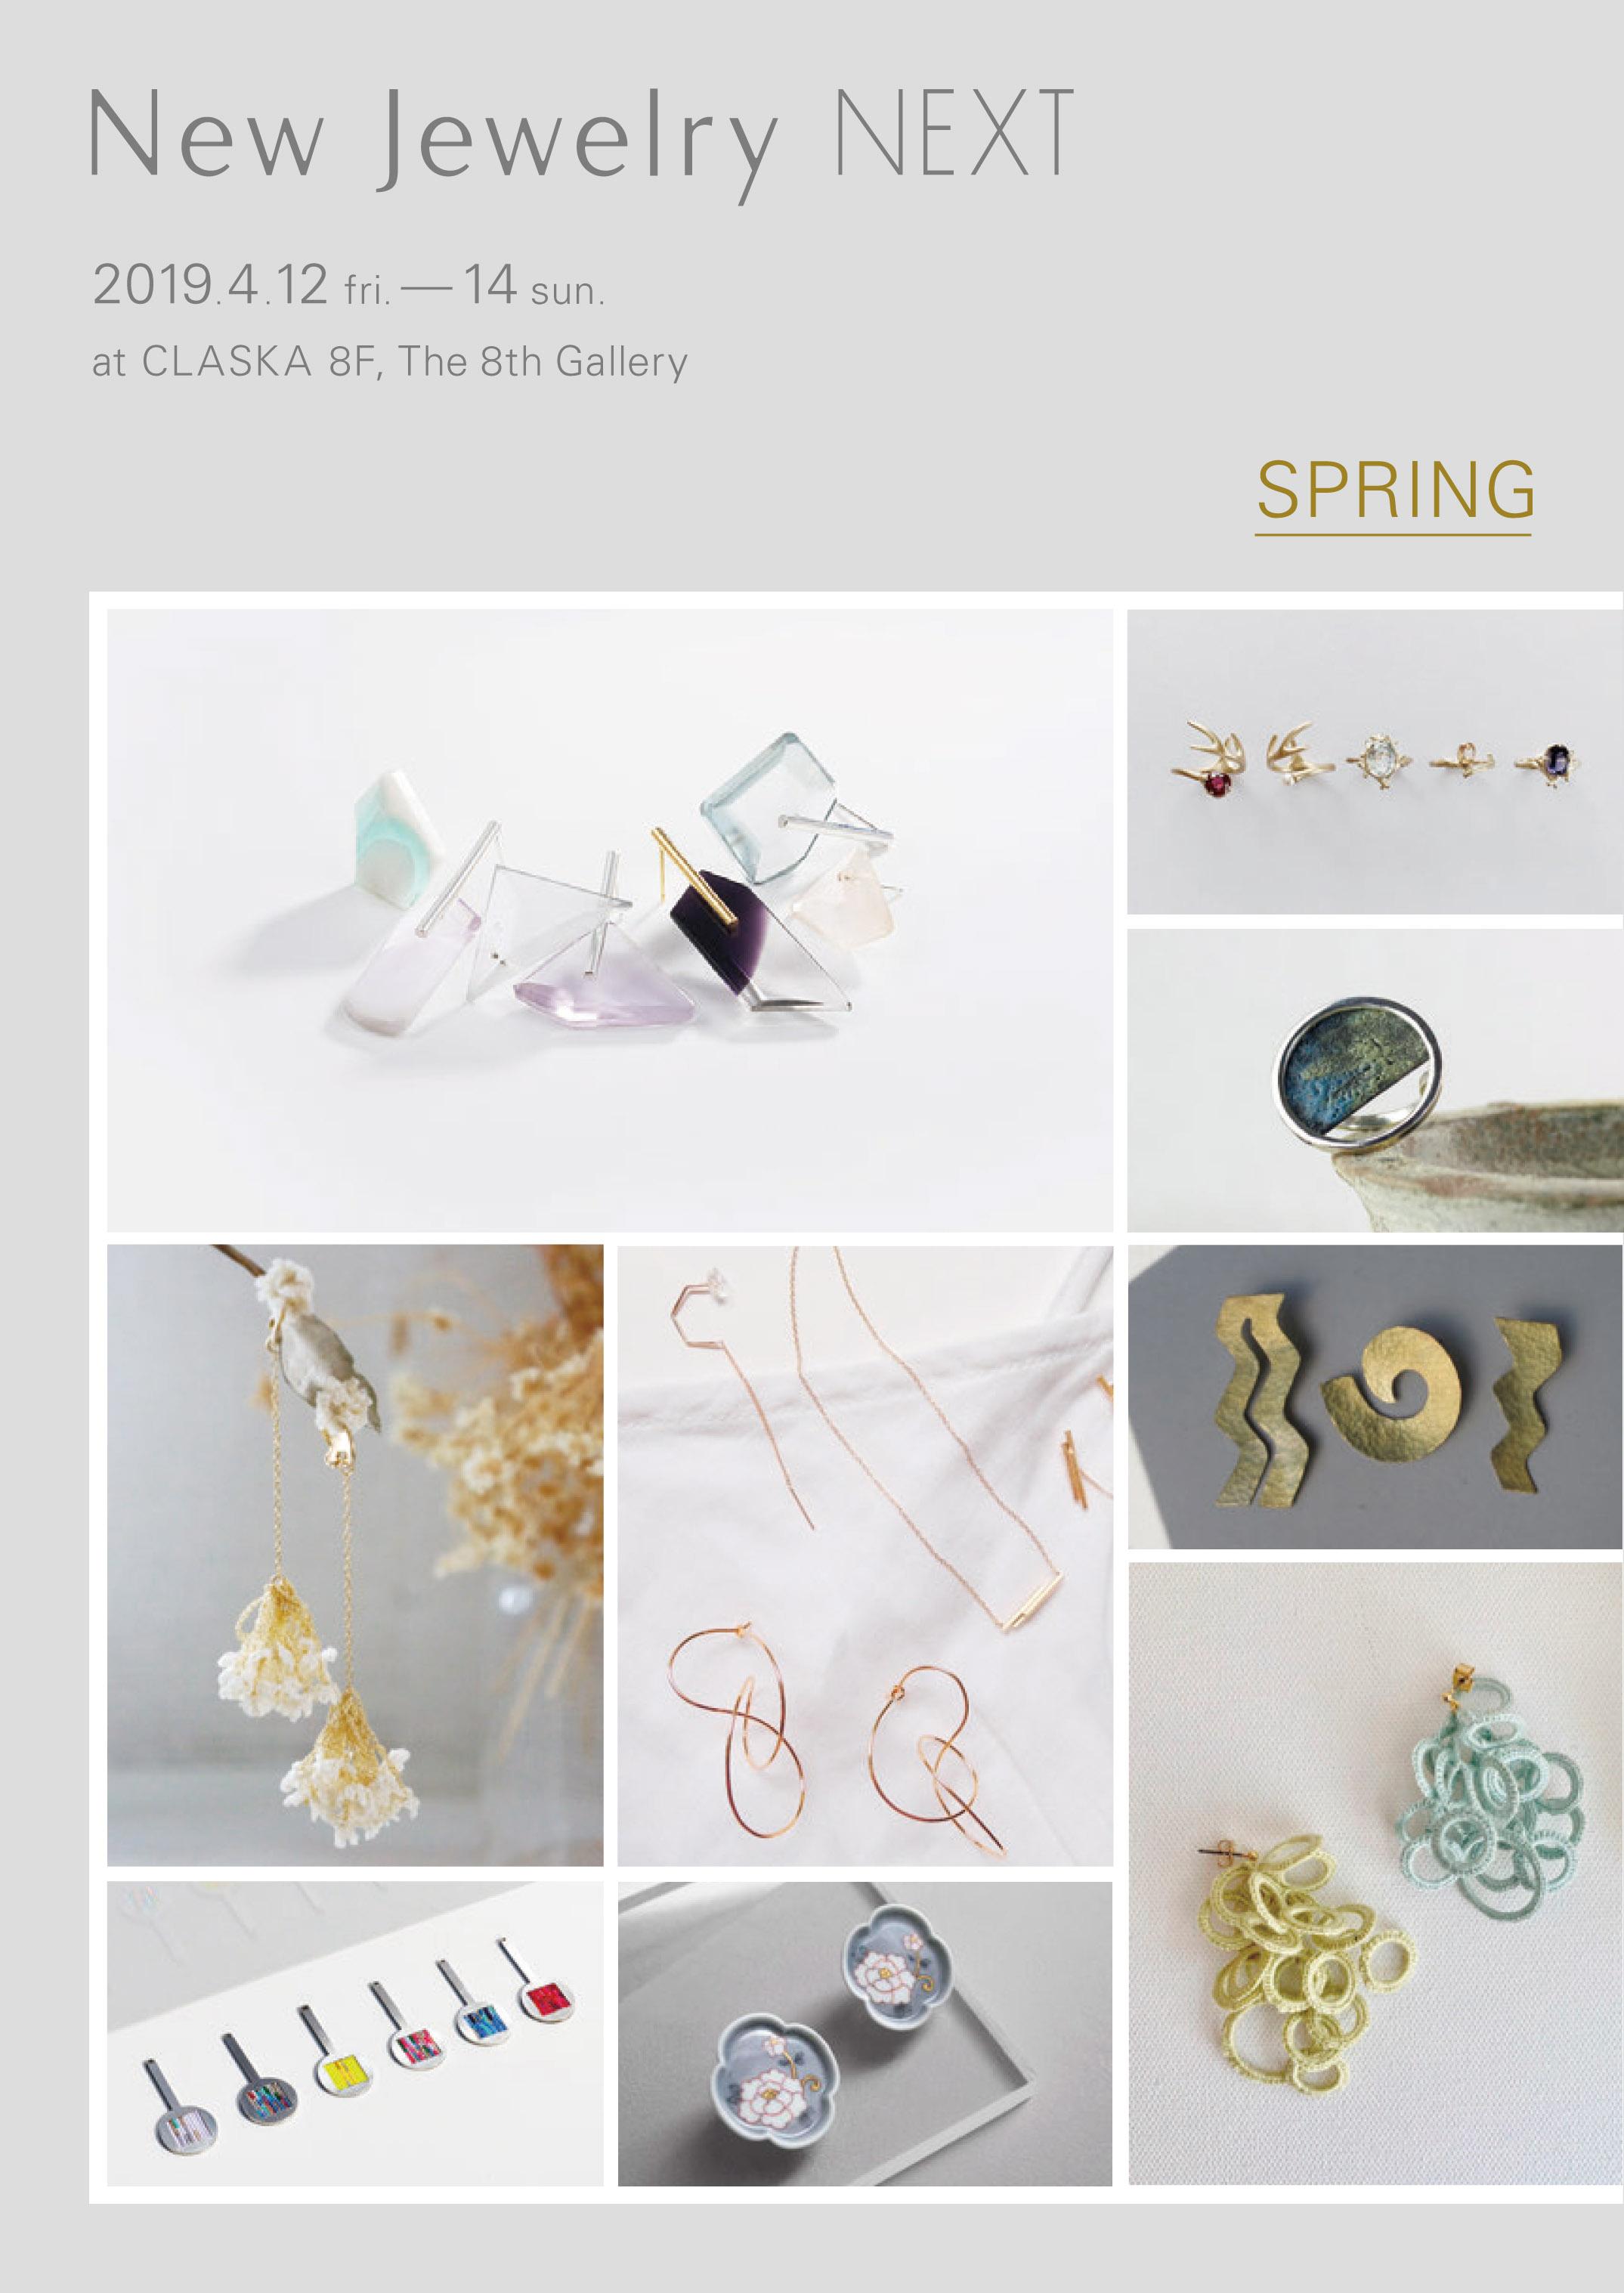 New Jewelry NEXT – Spring